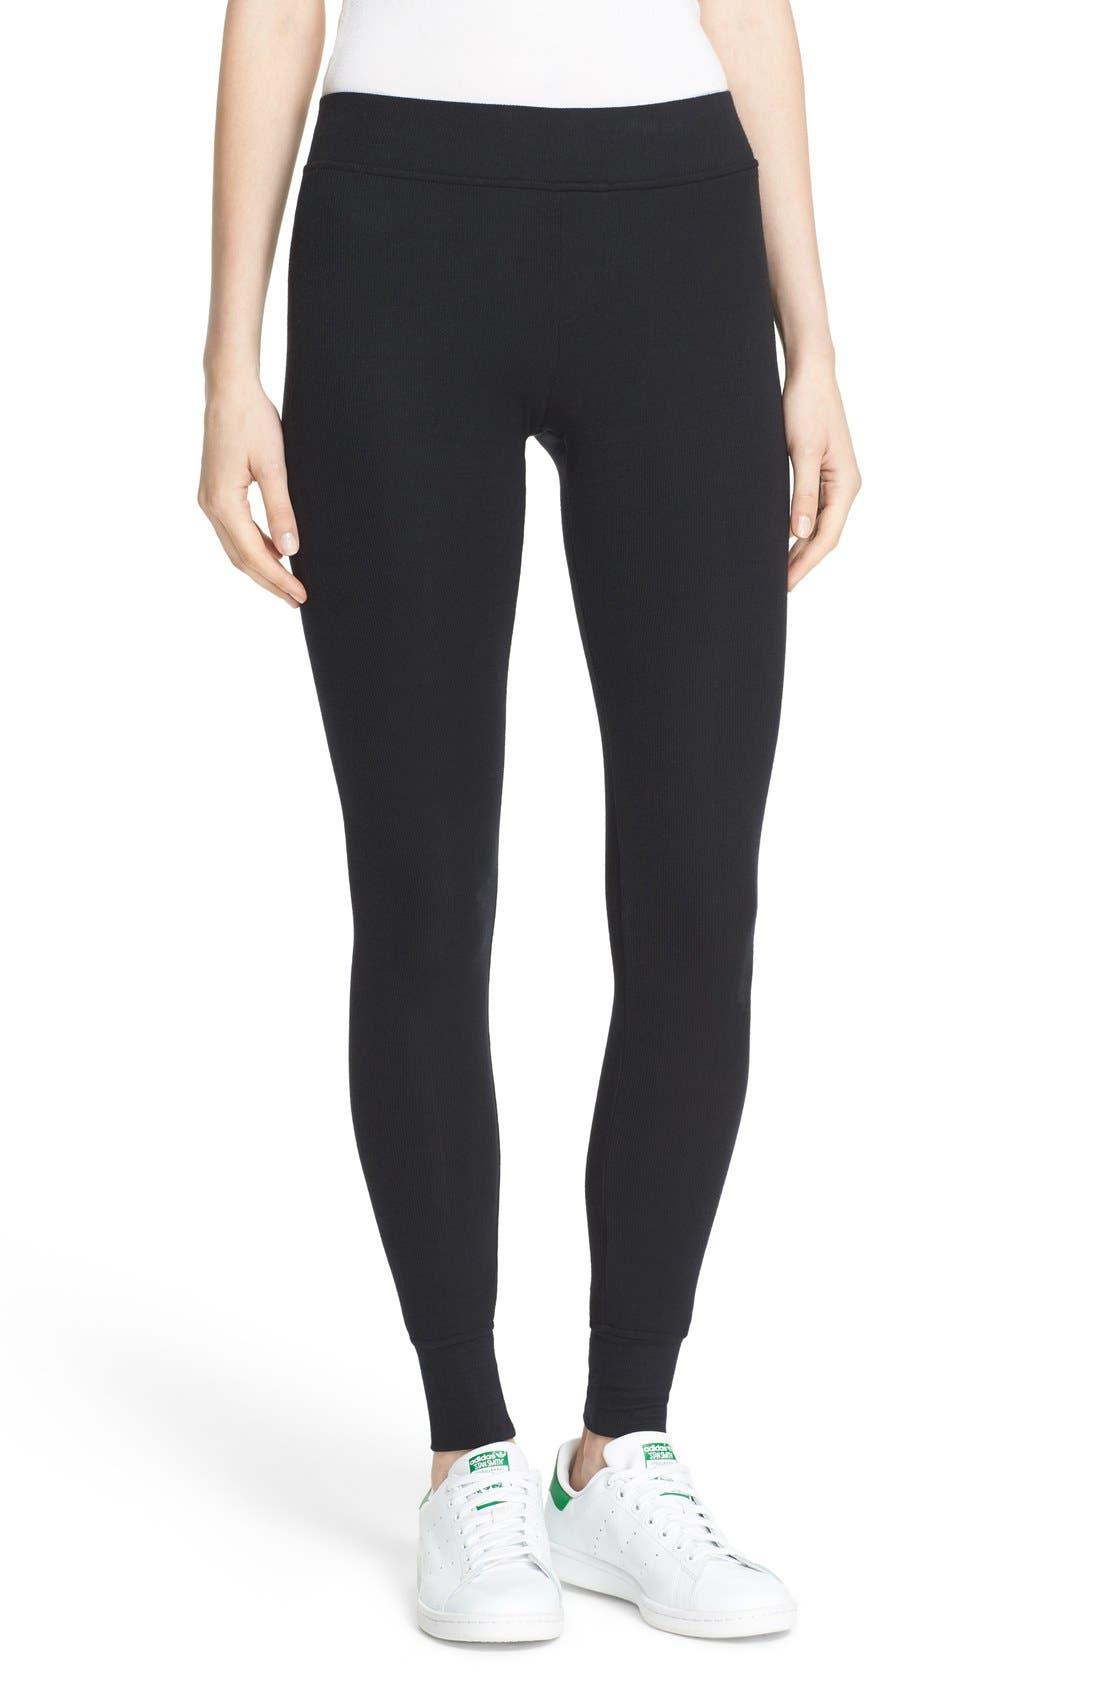 Rib Knit Yoga Leggings,                             Main thumbnail 1, color,                             BLACK